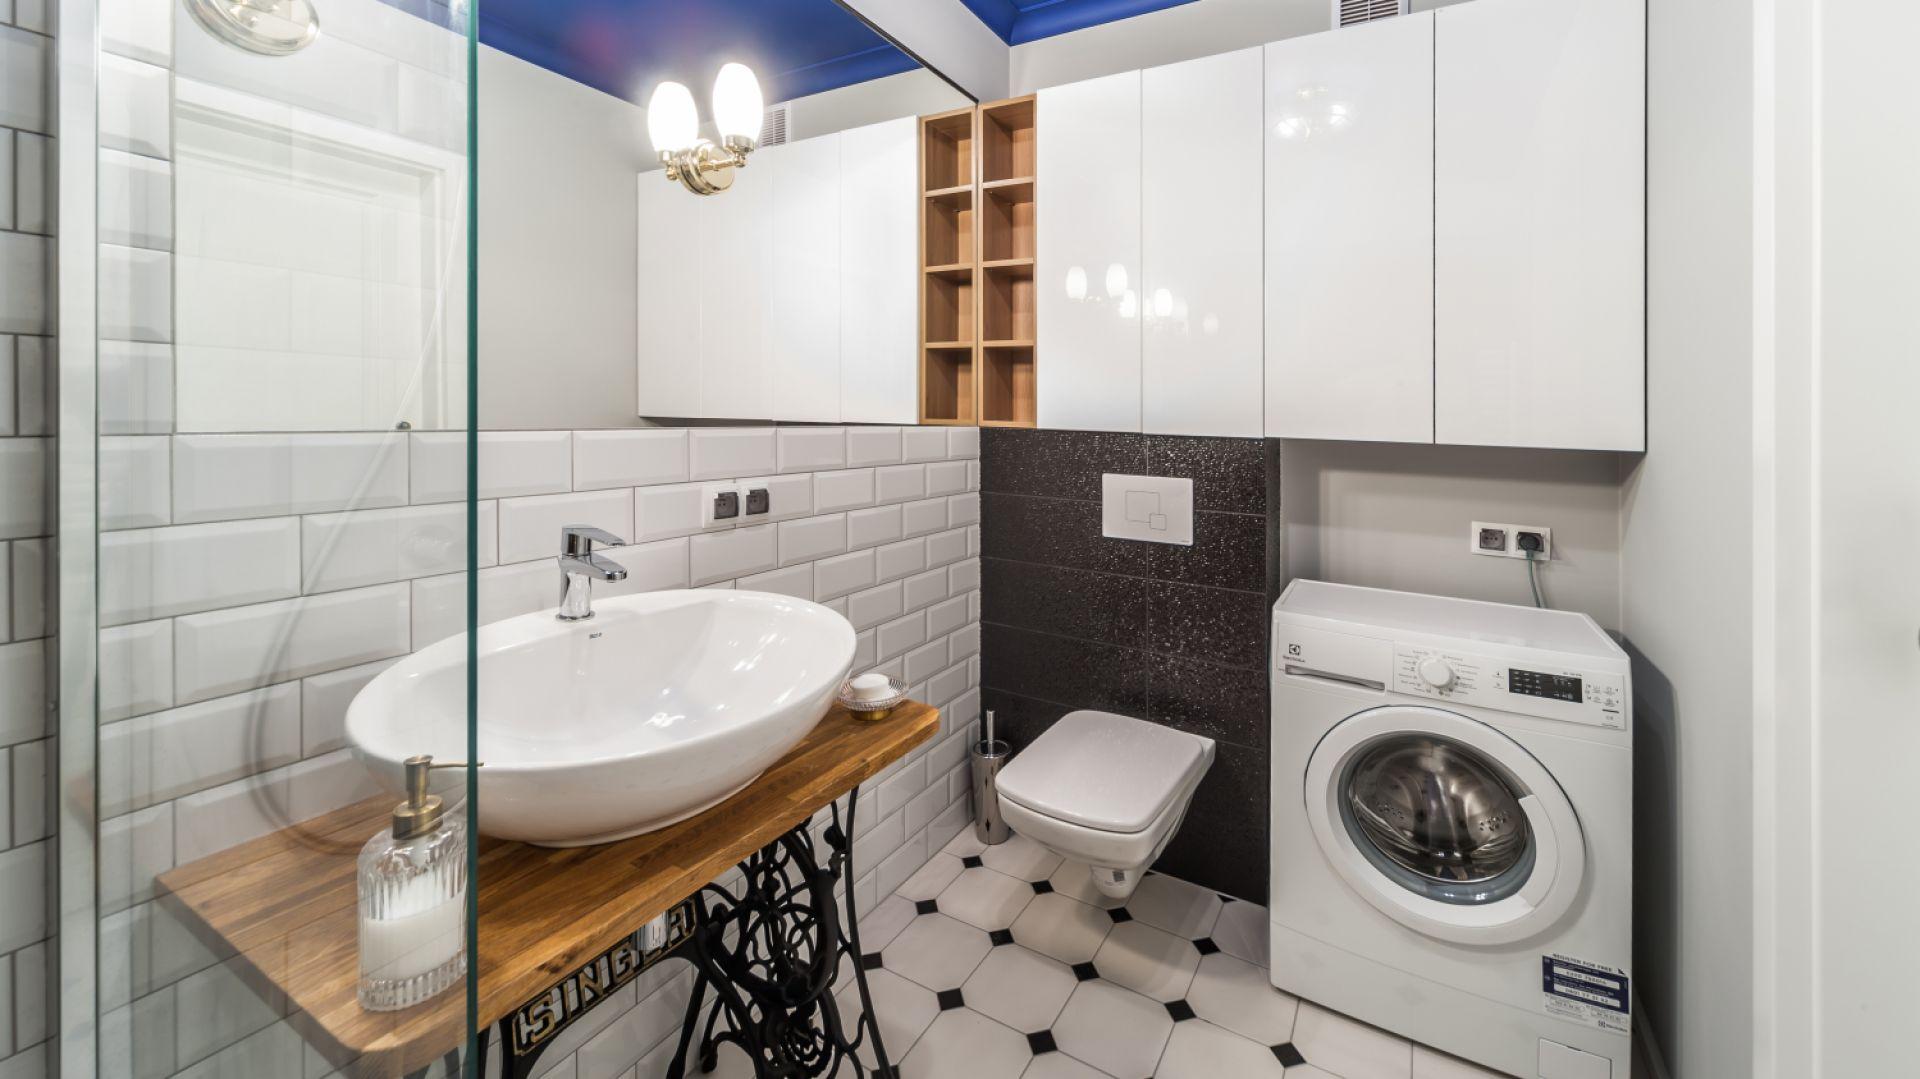 Biała łazienka. Proj. Pracownia KODO. Fot. Materiały prasowe Pracowni KODO